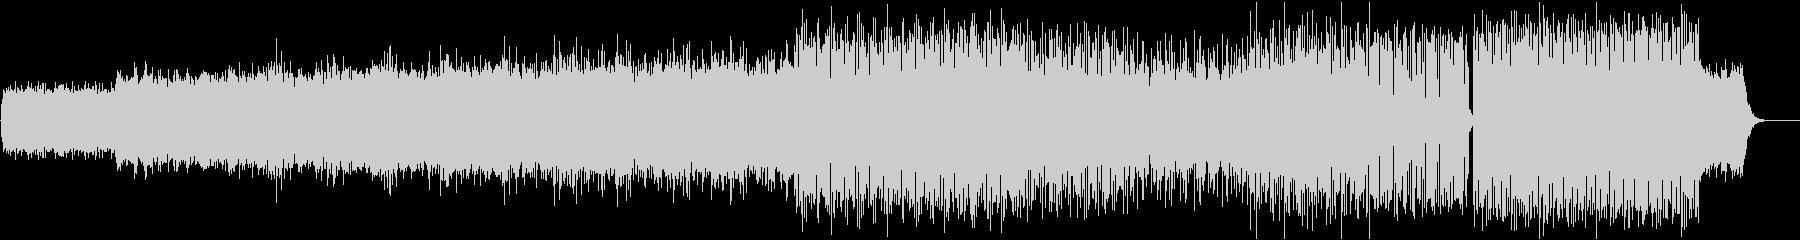 シンセと色々なリズムのエレクトロの未再生の波形